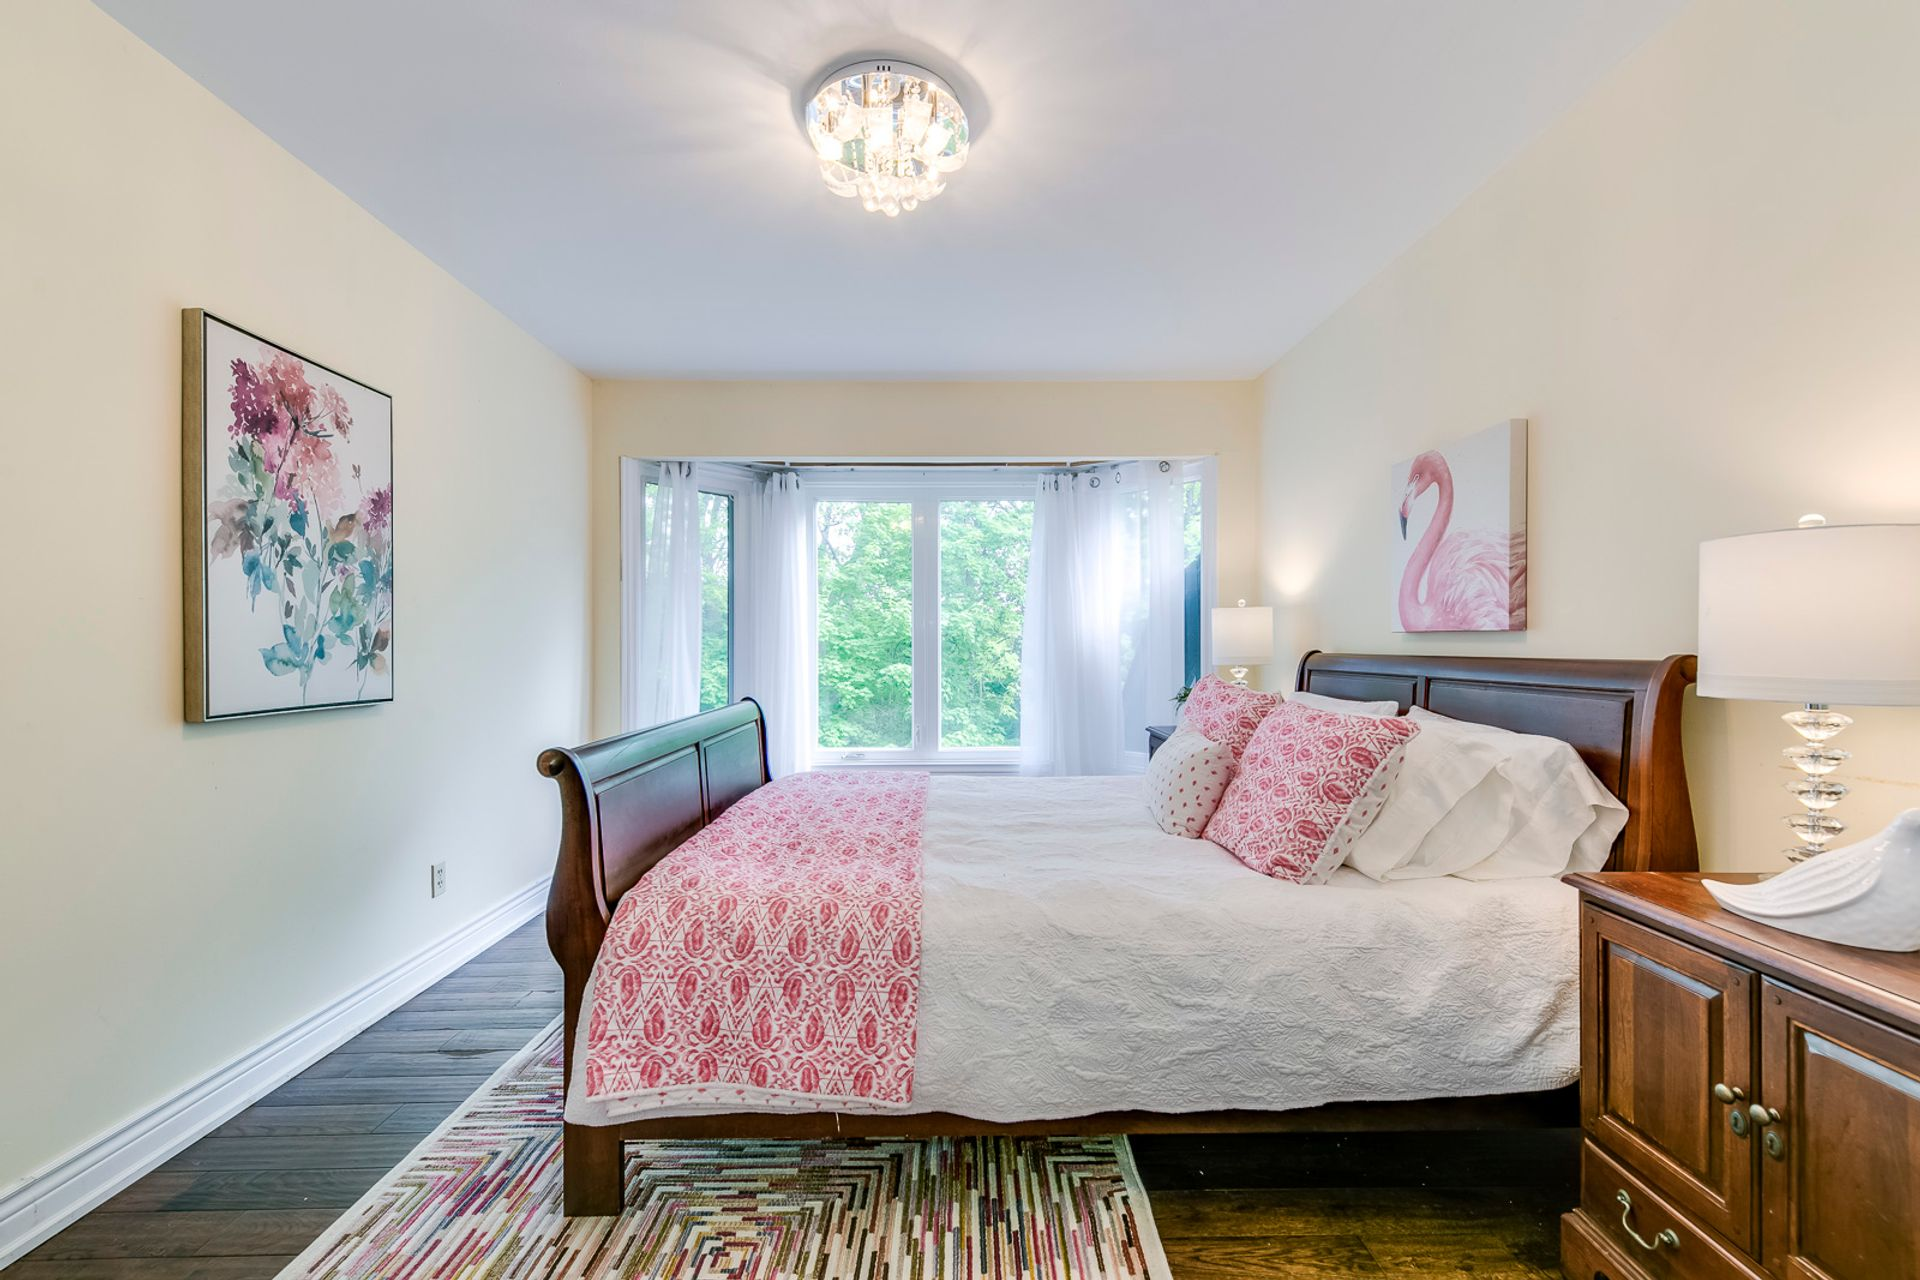 2nd Bedroom - 2421 Jarvis St, Mississauga - Elite3 & Team at 2421 Jarvis Street, Airport Corporate, Mississauga